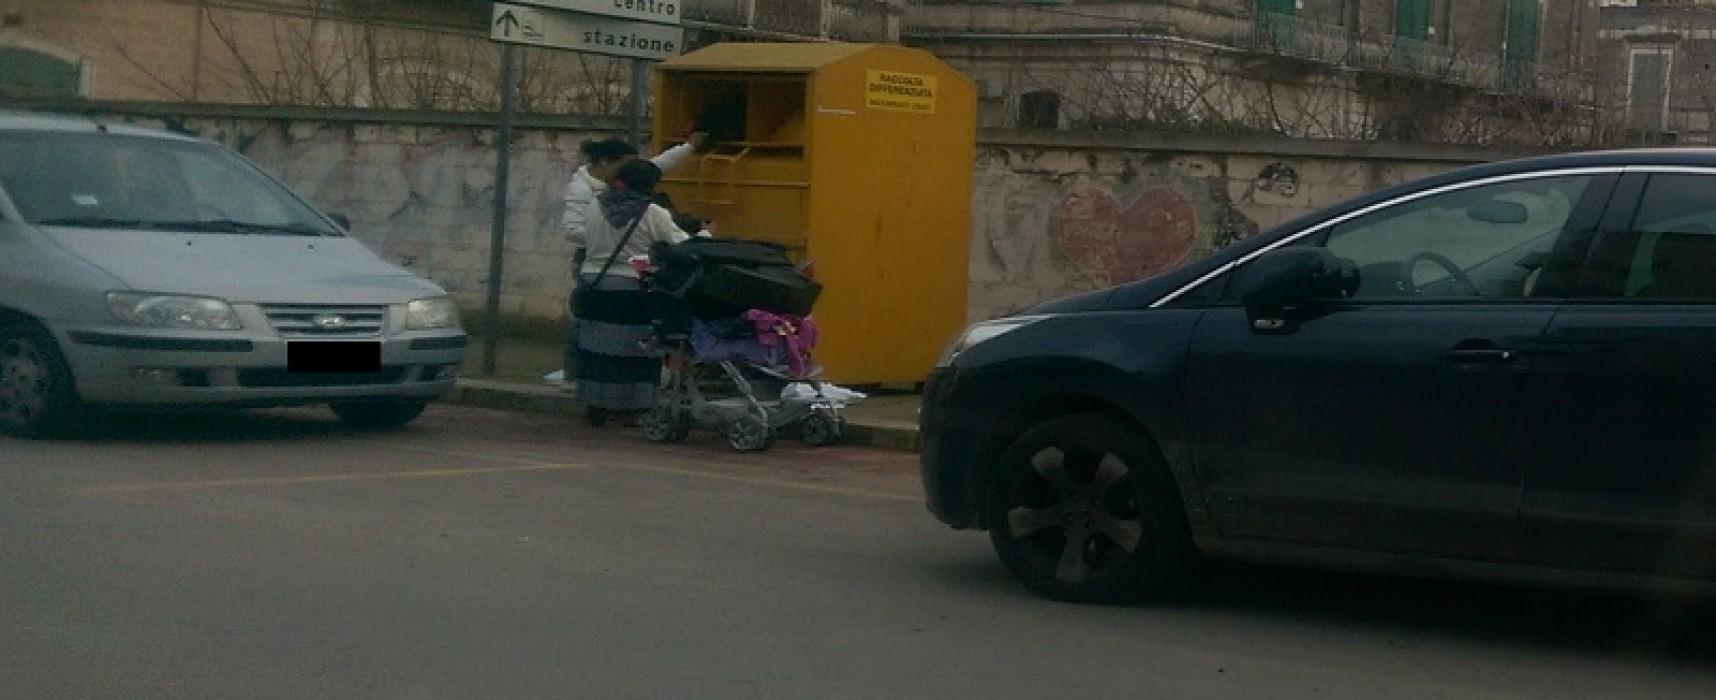 Furti dai cassonetti di indumenti usati, è la volta del quartiere di Sant'Andrea